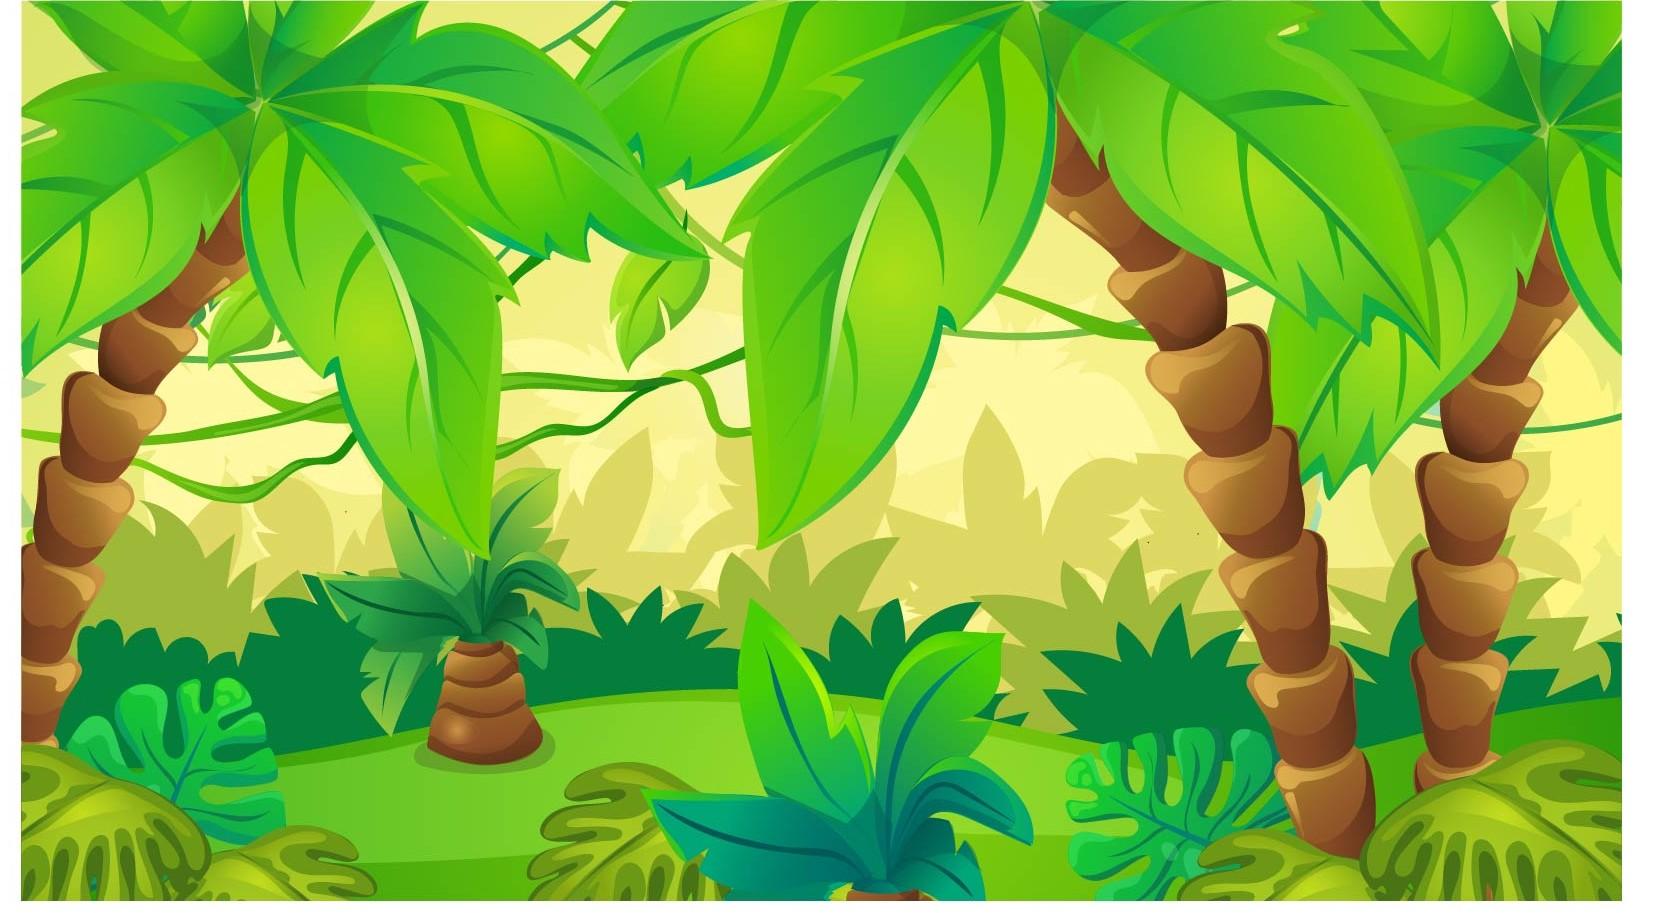 Cartoon Green Cute Forest Rainforest Jungle Theme Backdrop